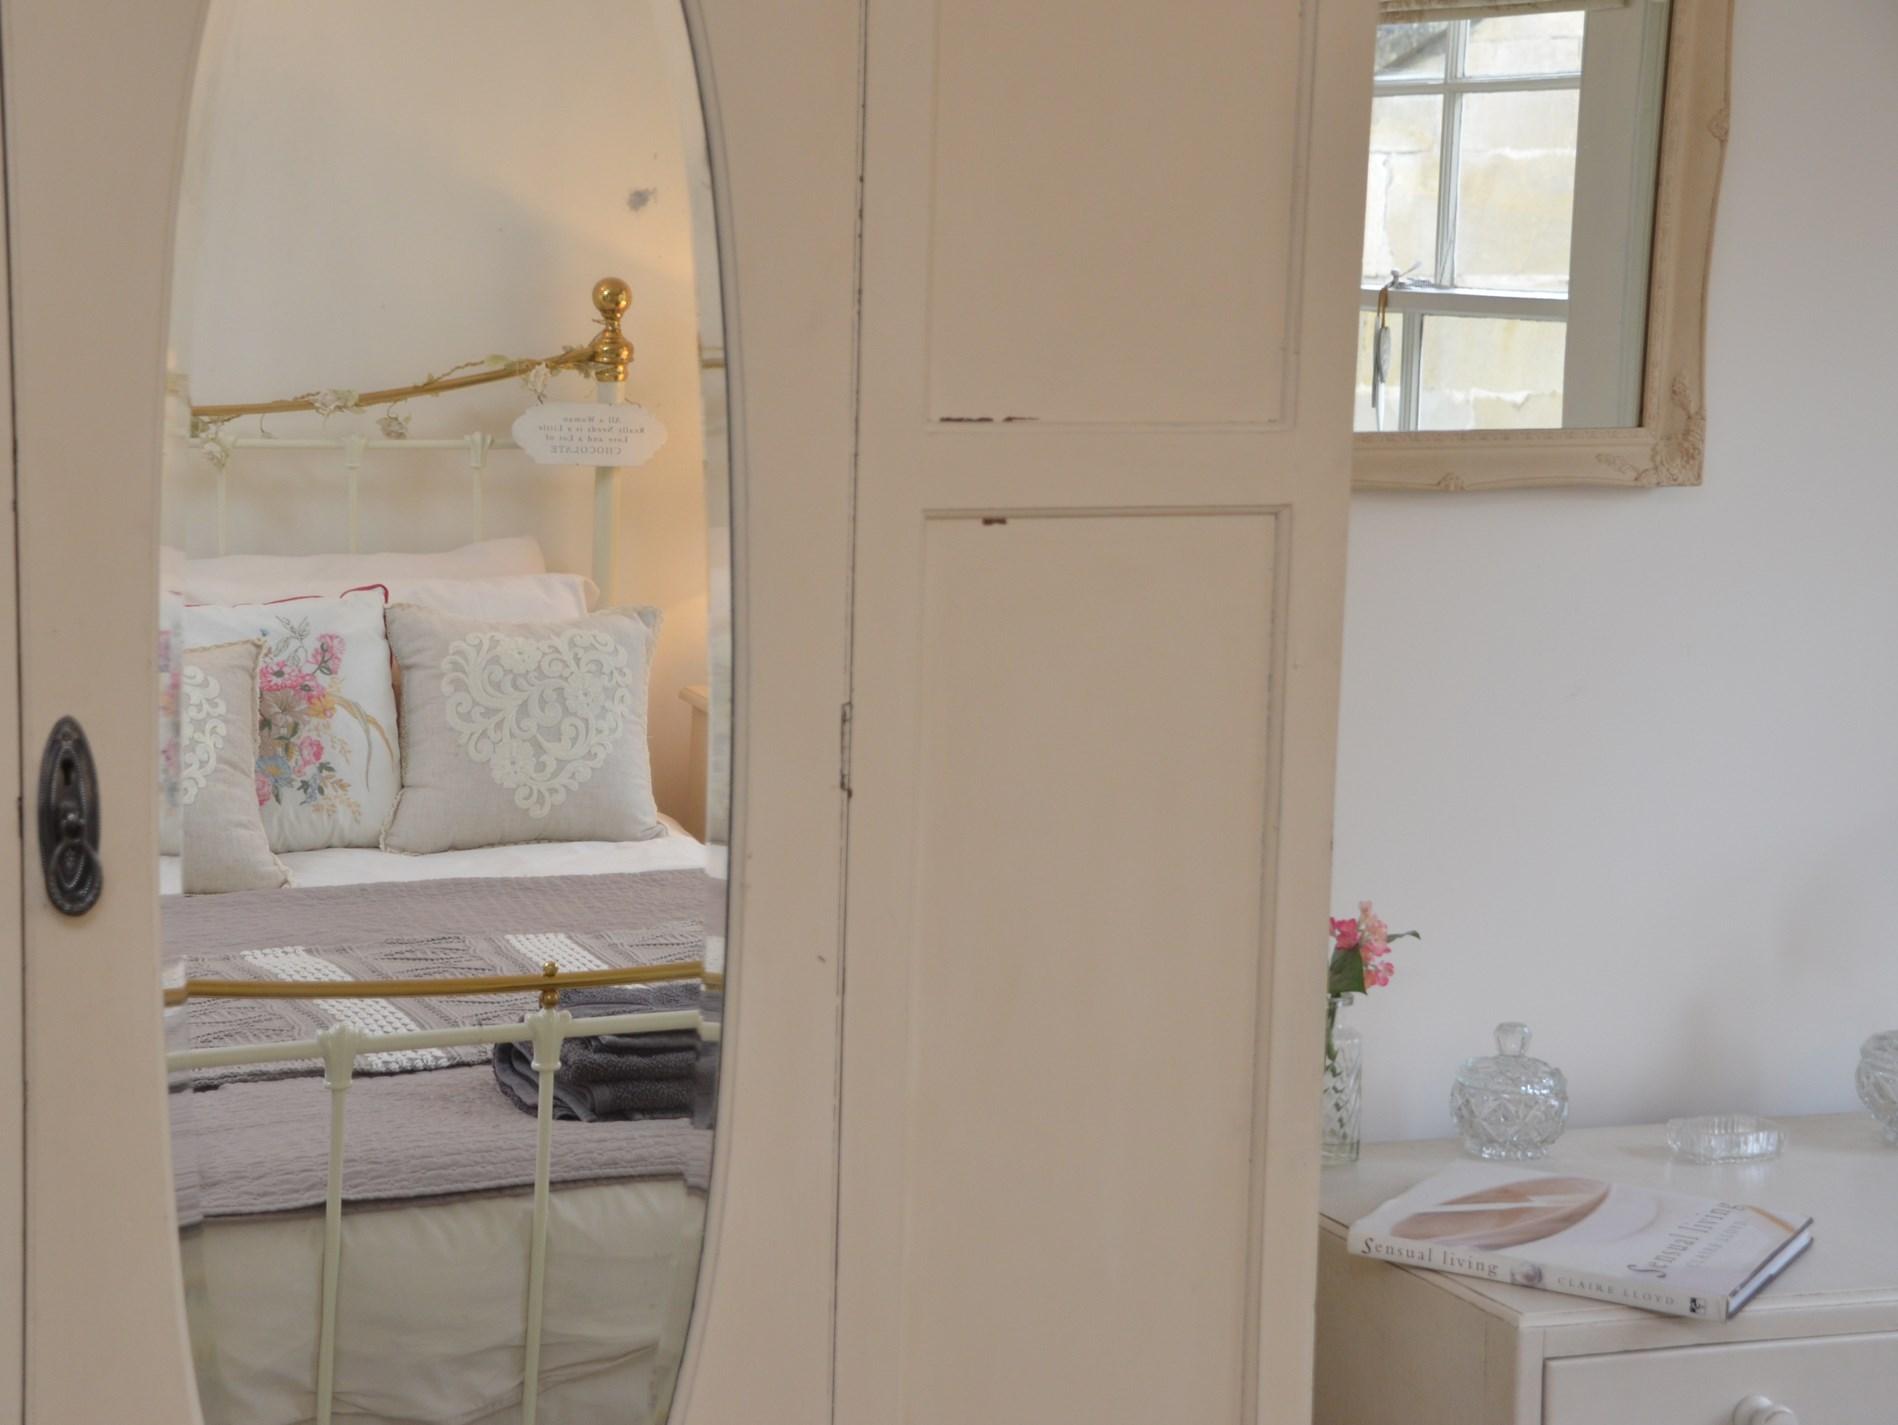 King-size bedroom details